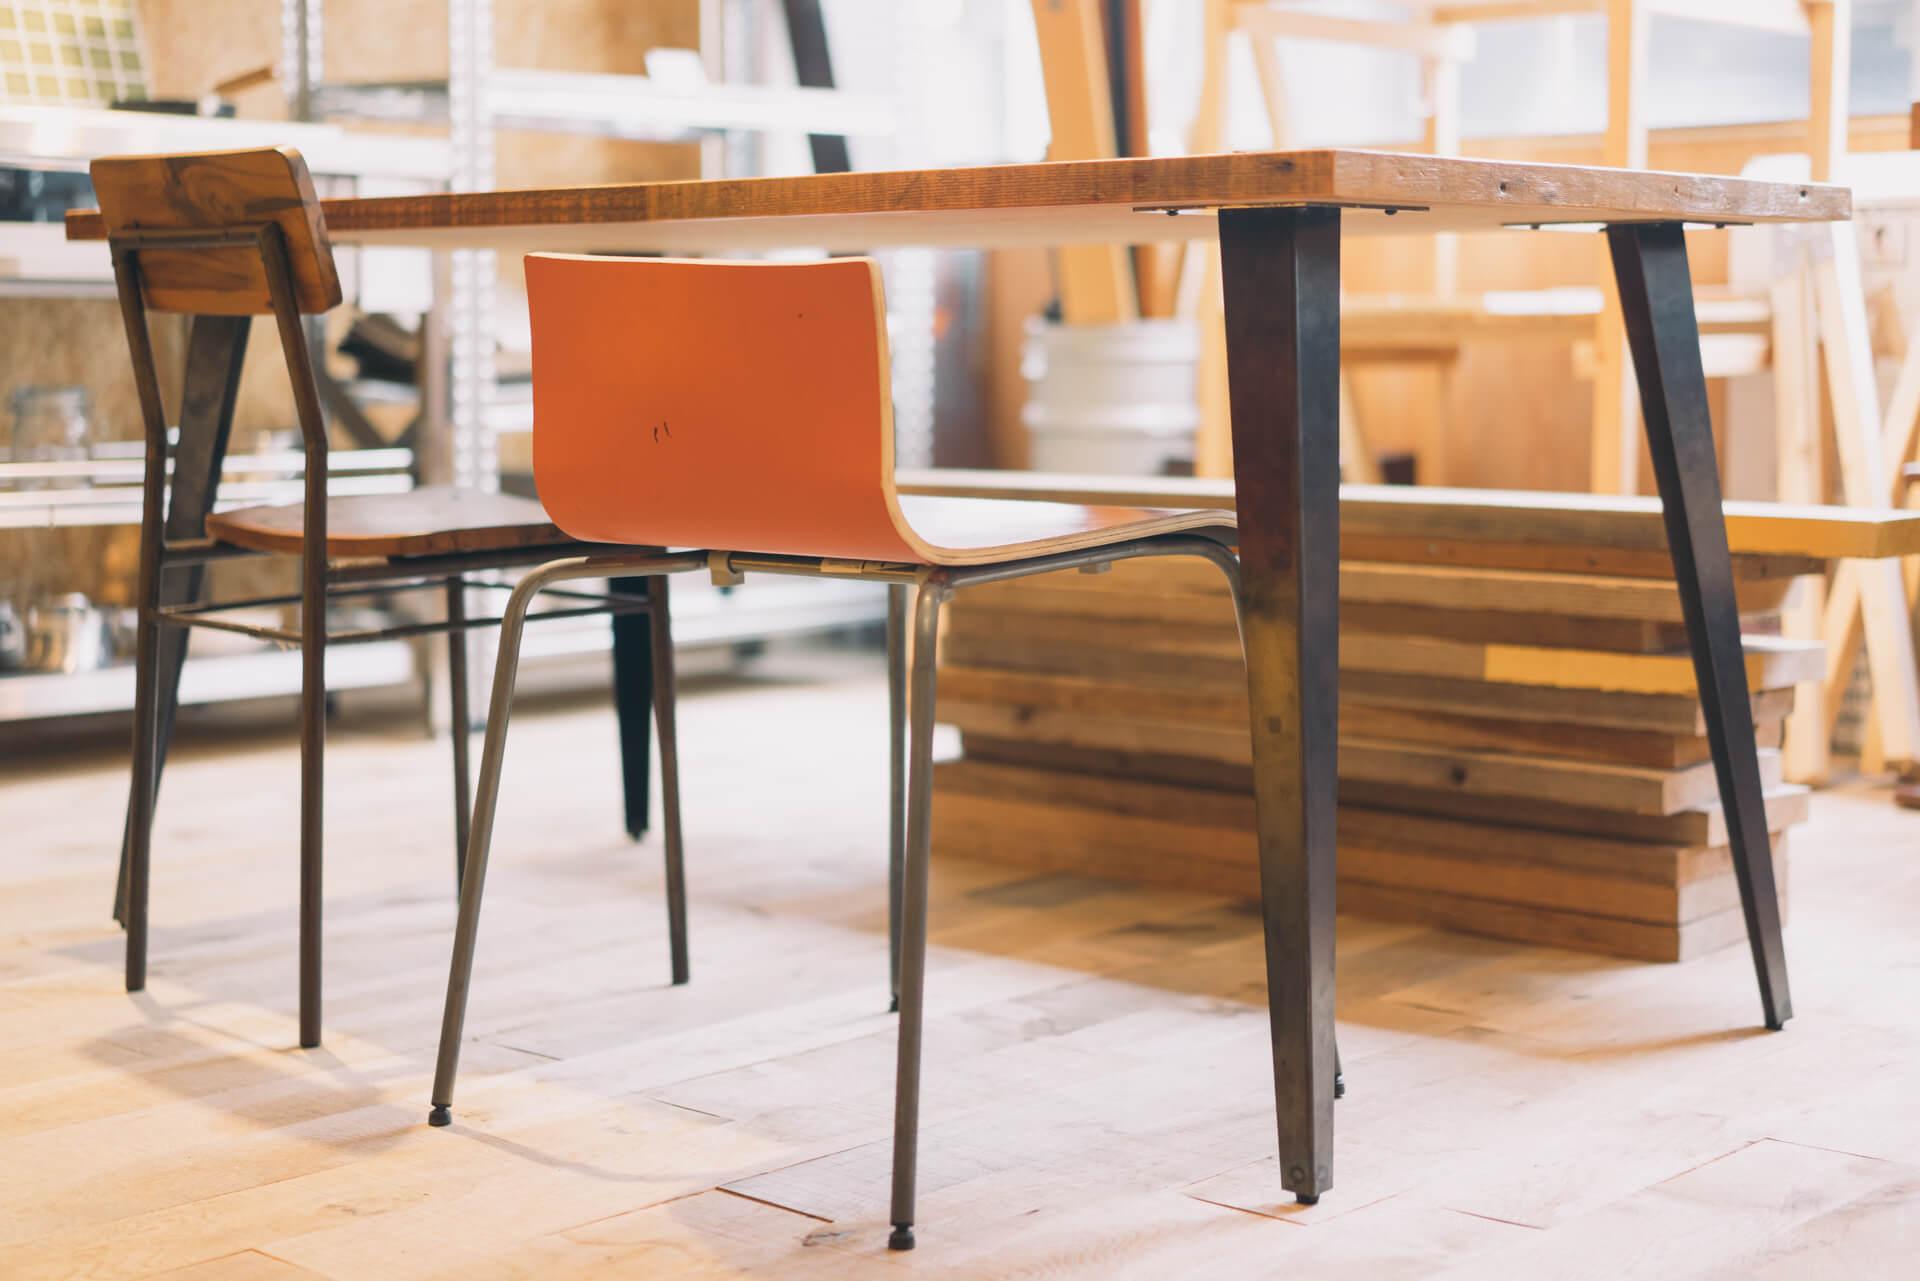 DIY ではまずこれから作る人も多いのではないでしょうか。脚と天板をくみあわせたテーブル。脚の形、天板の木材の材質も、さまざまなものが取り揃えられています。